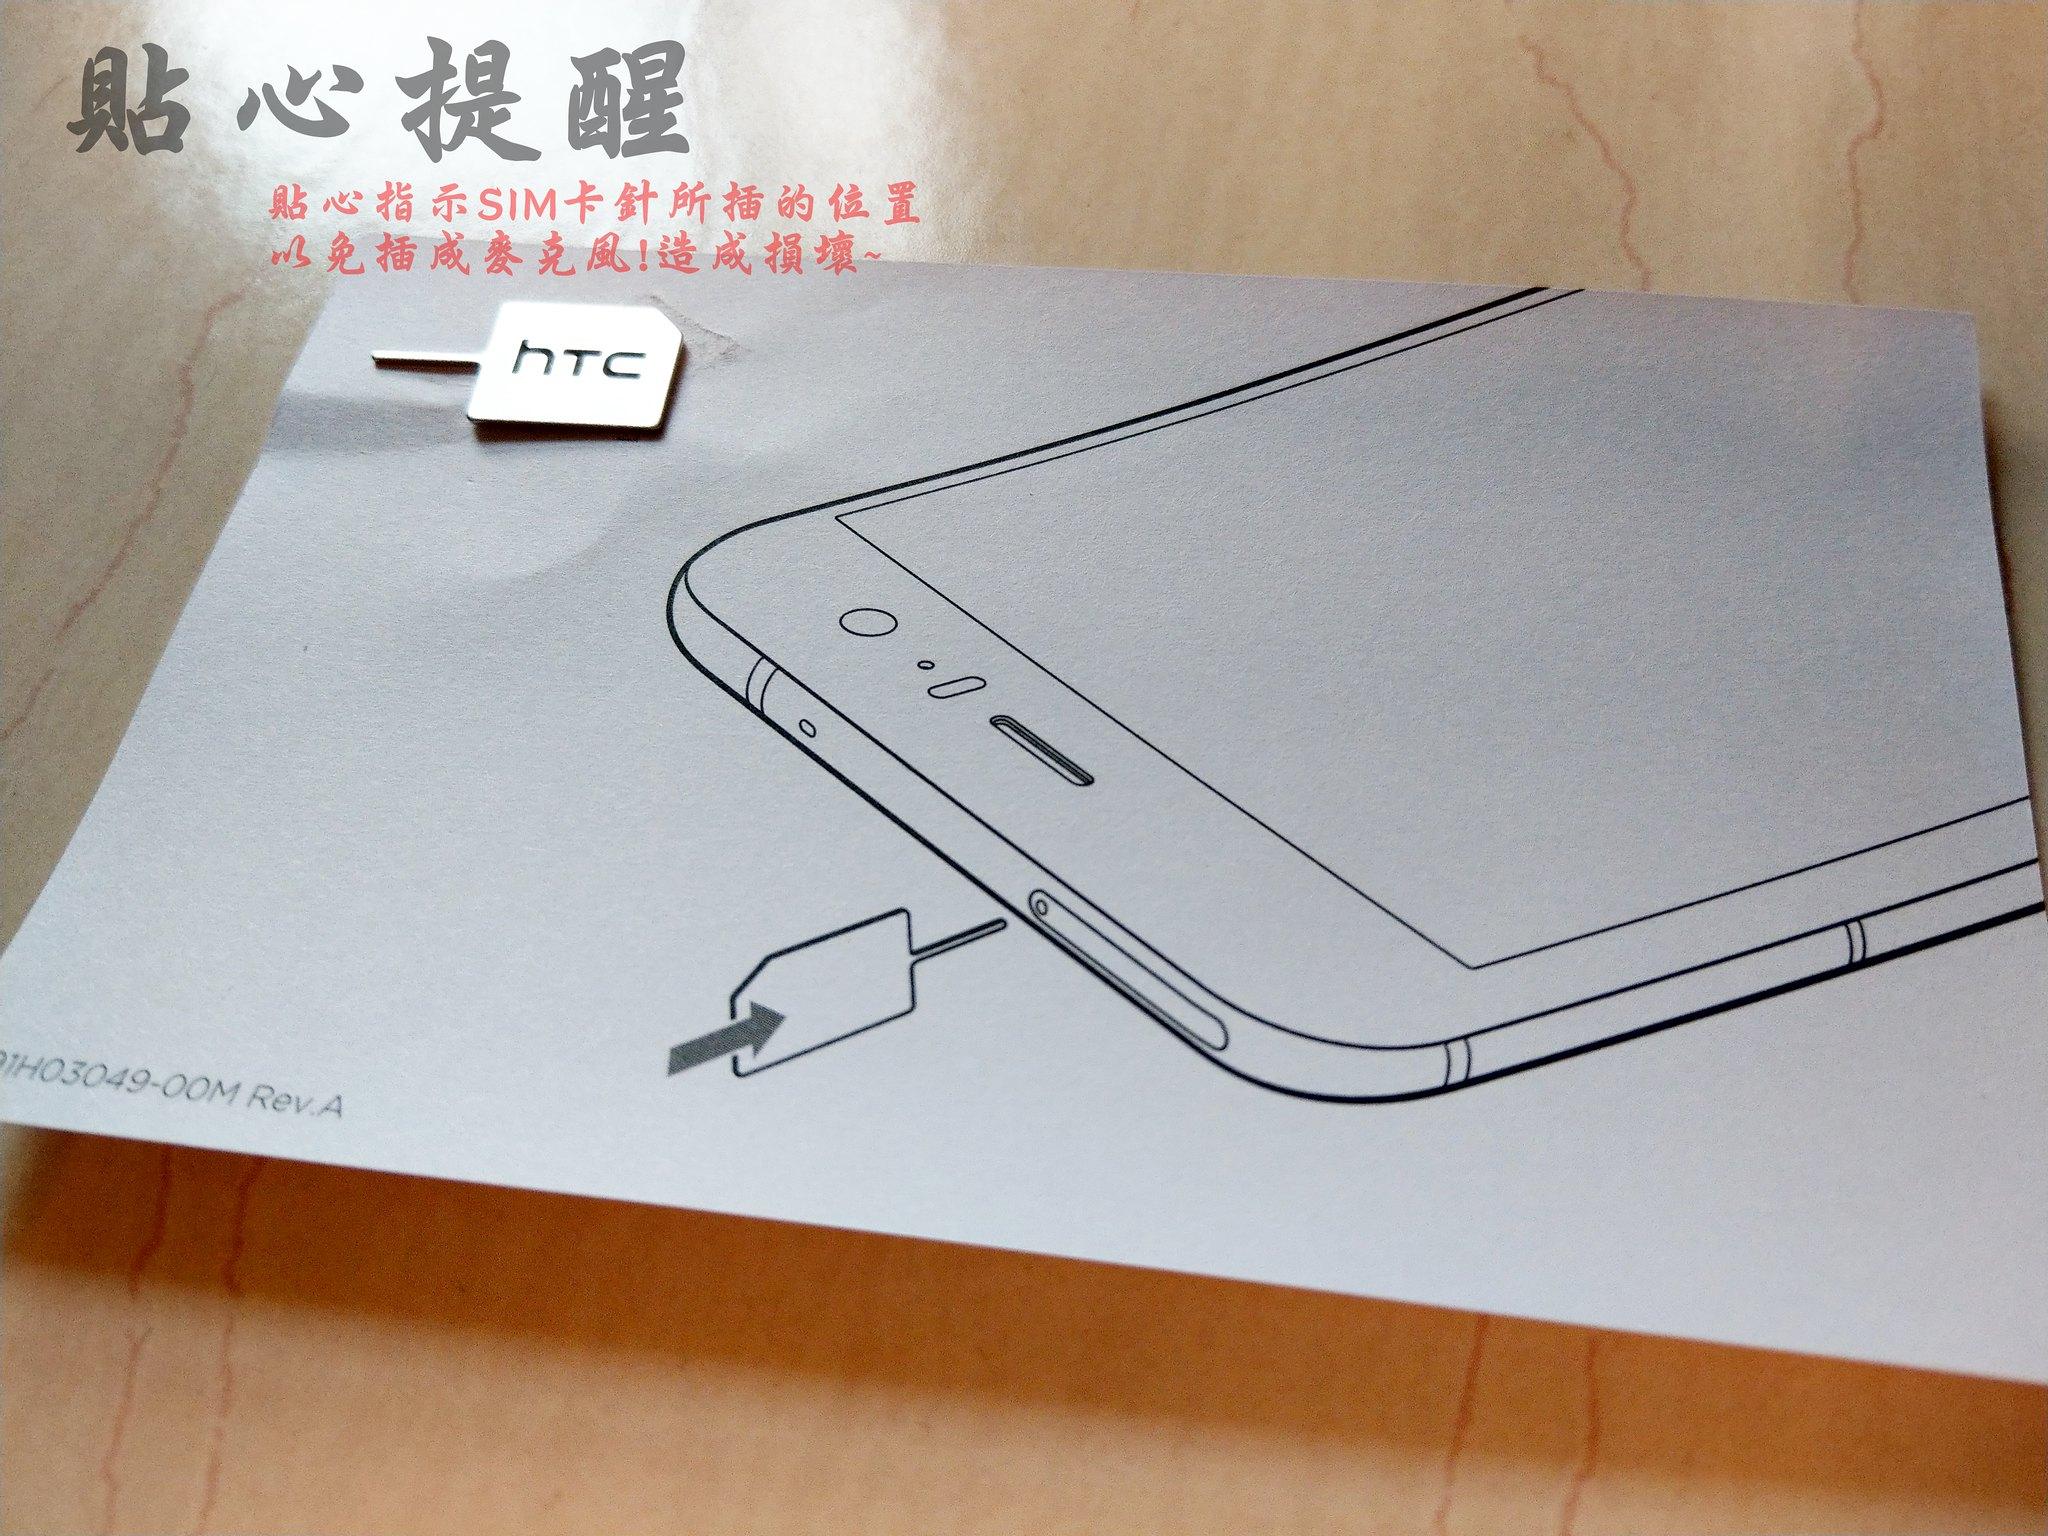 超值HTC U11開箱分享~ - HTC論壇